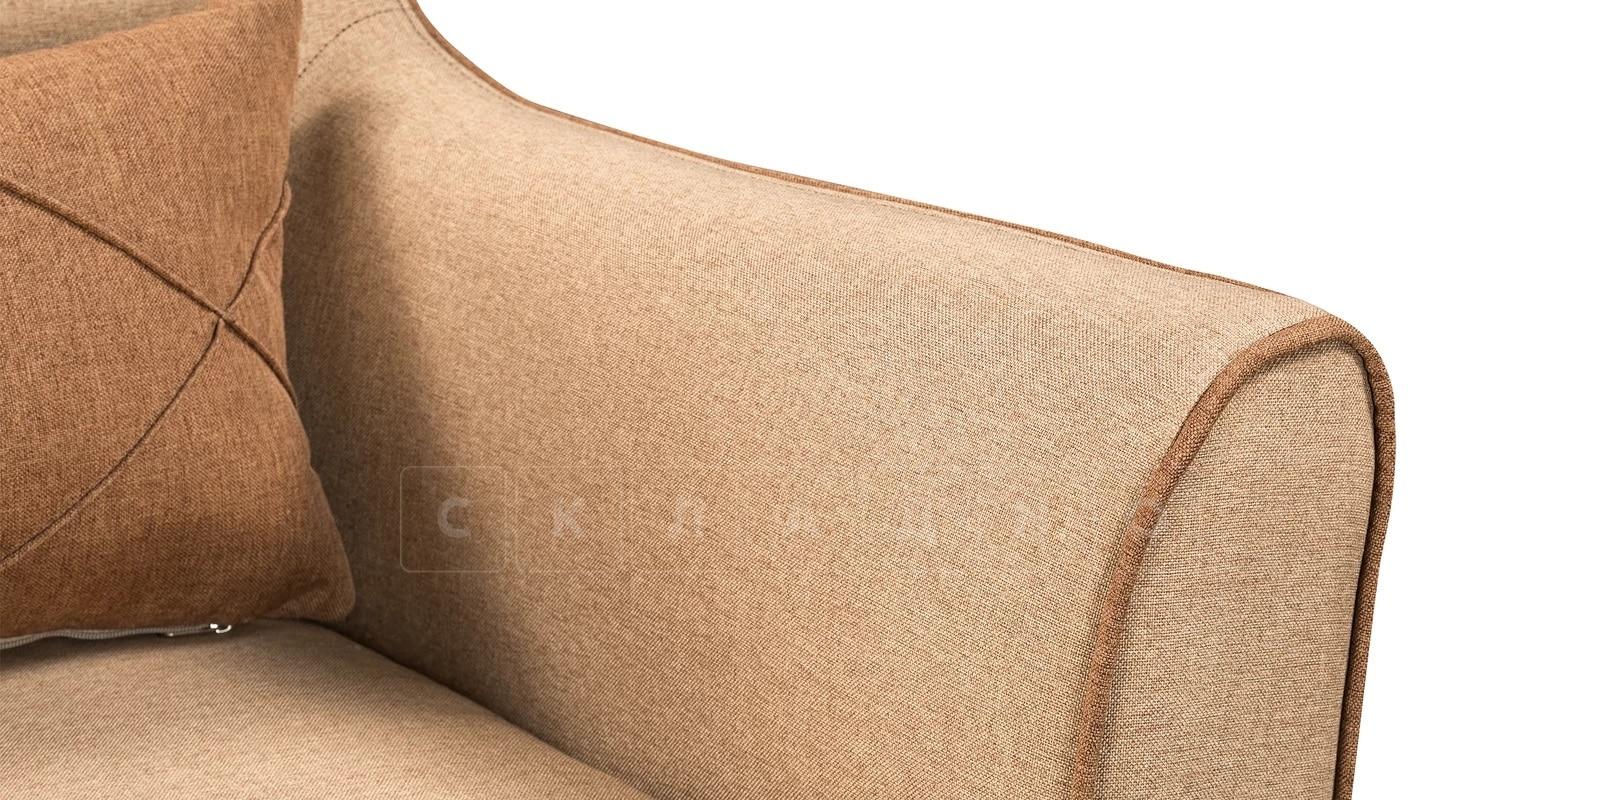 Кресло Флэтфорд рогожка бежевая с коричневым кантом фото 6 | интернет-магазин Складно